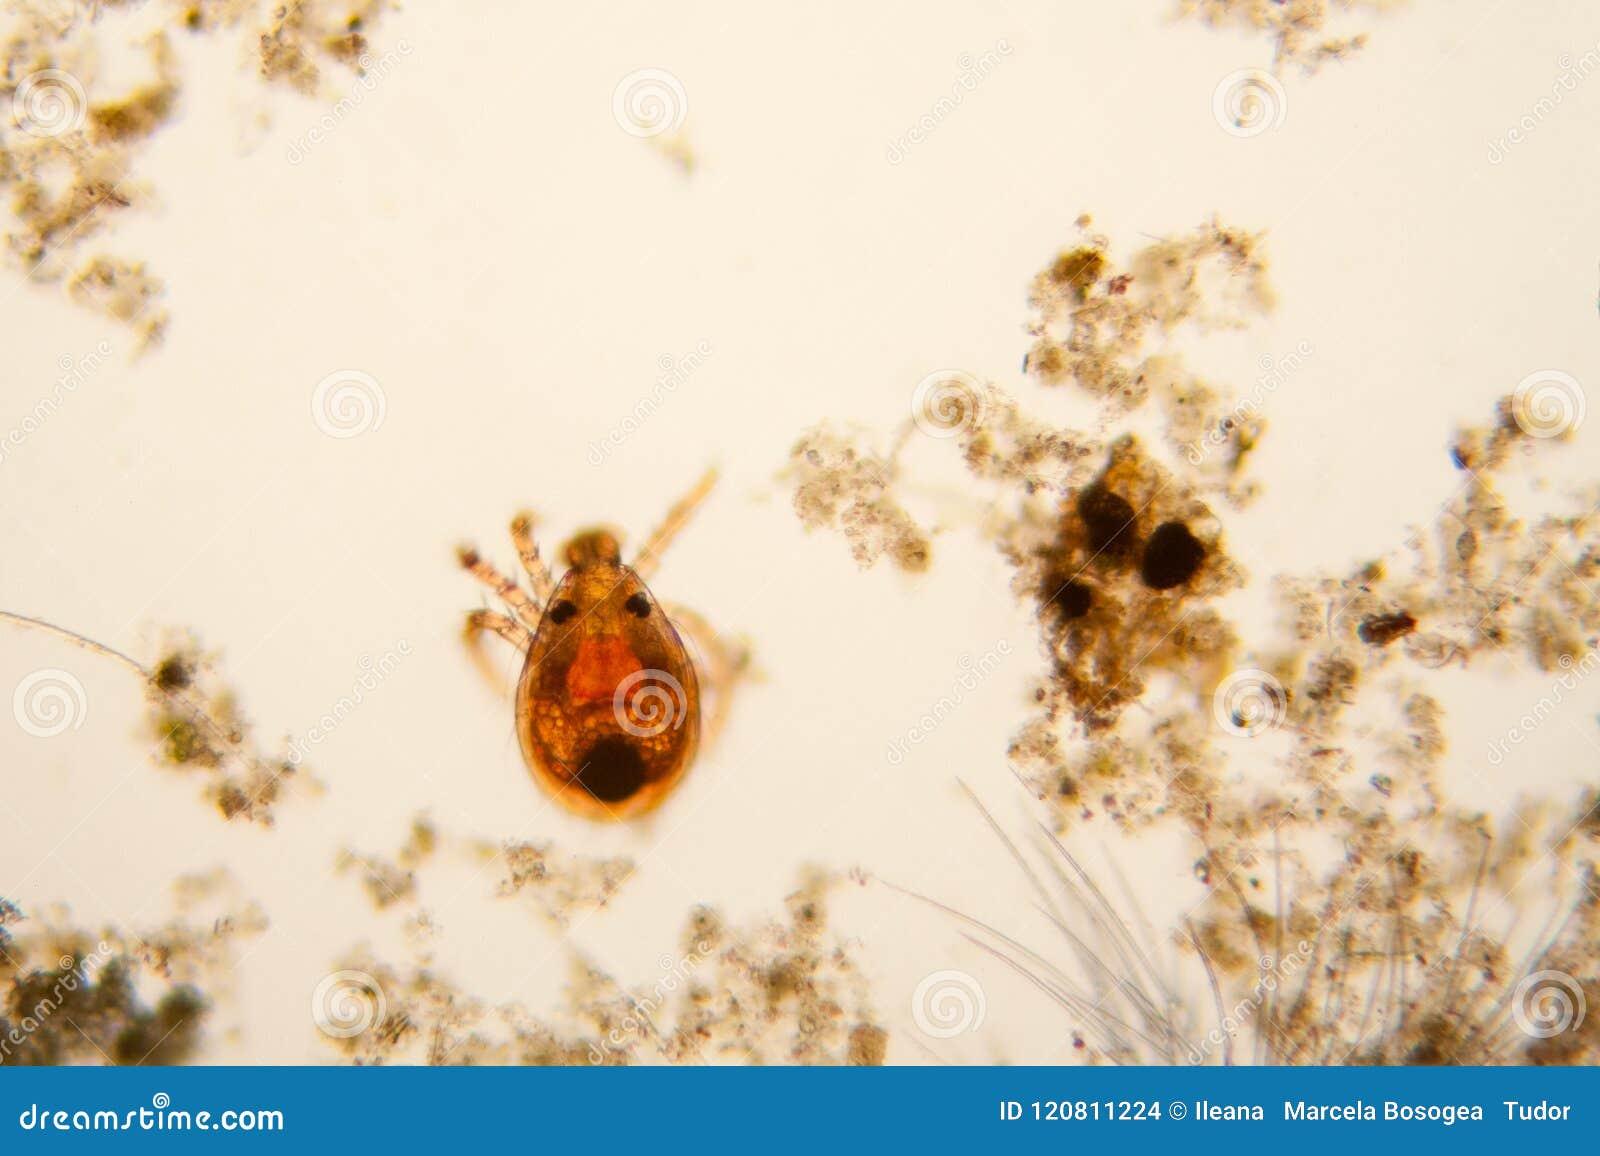 microscopio de ácaros